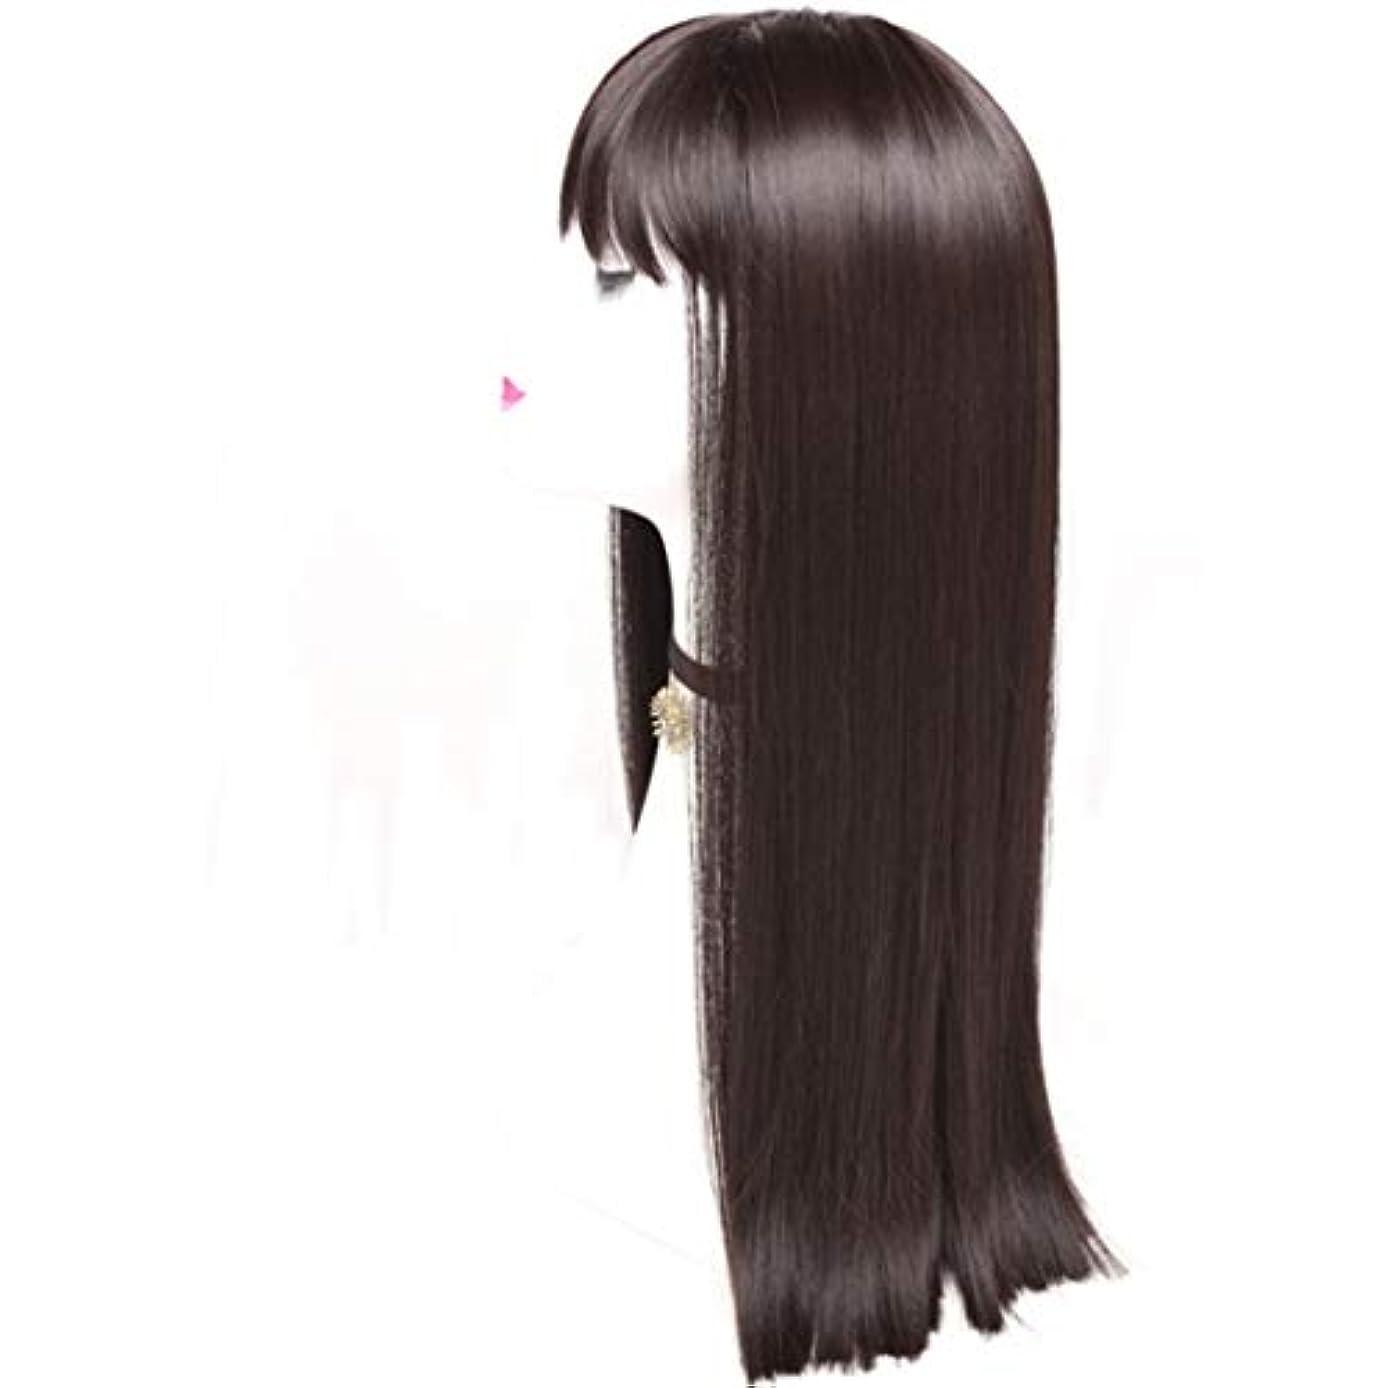 ロックそっと欲望Kerwinner レディースかつら魅力的な合成かつらで長いストレートの髪をかつら